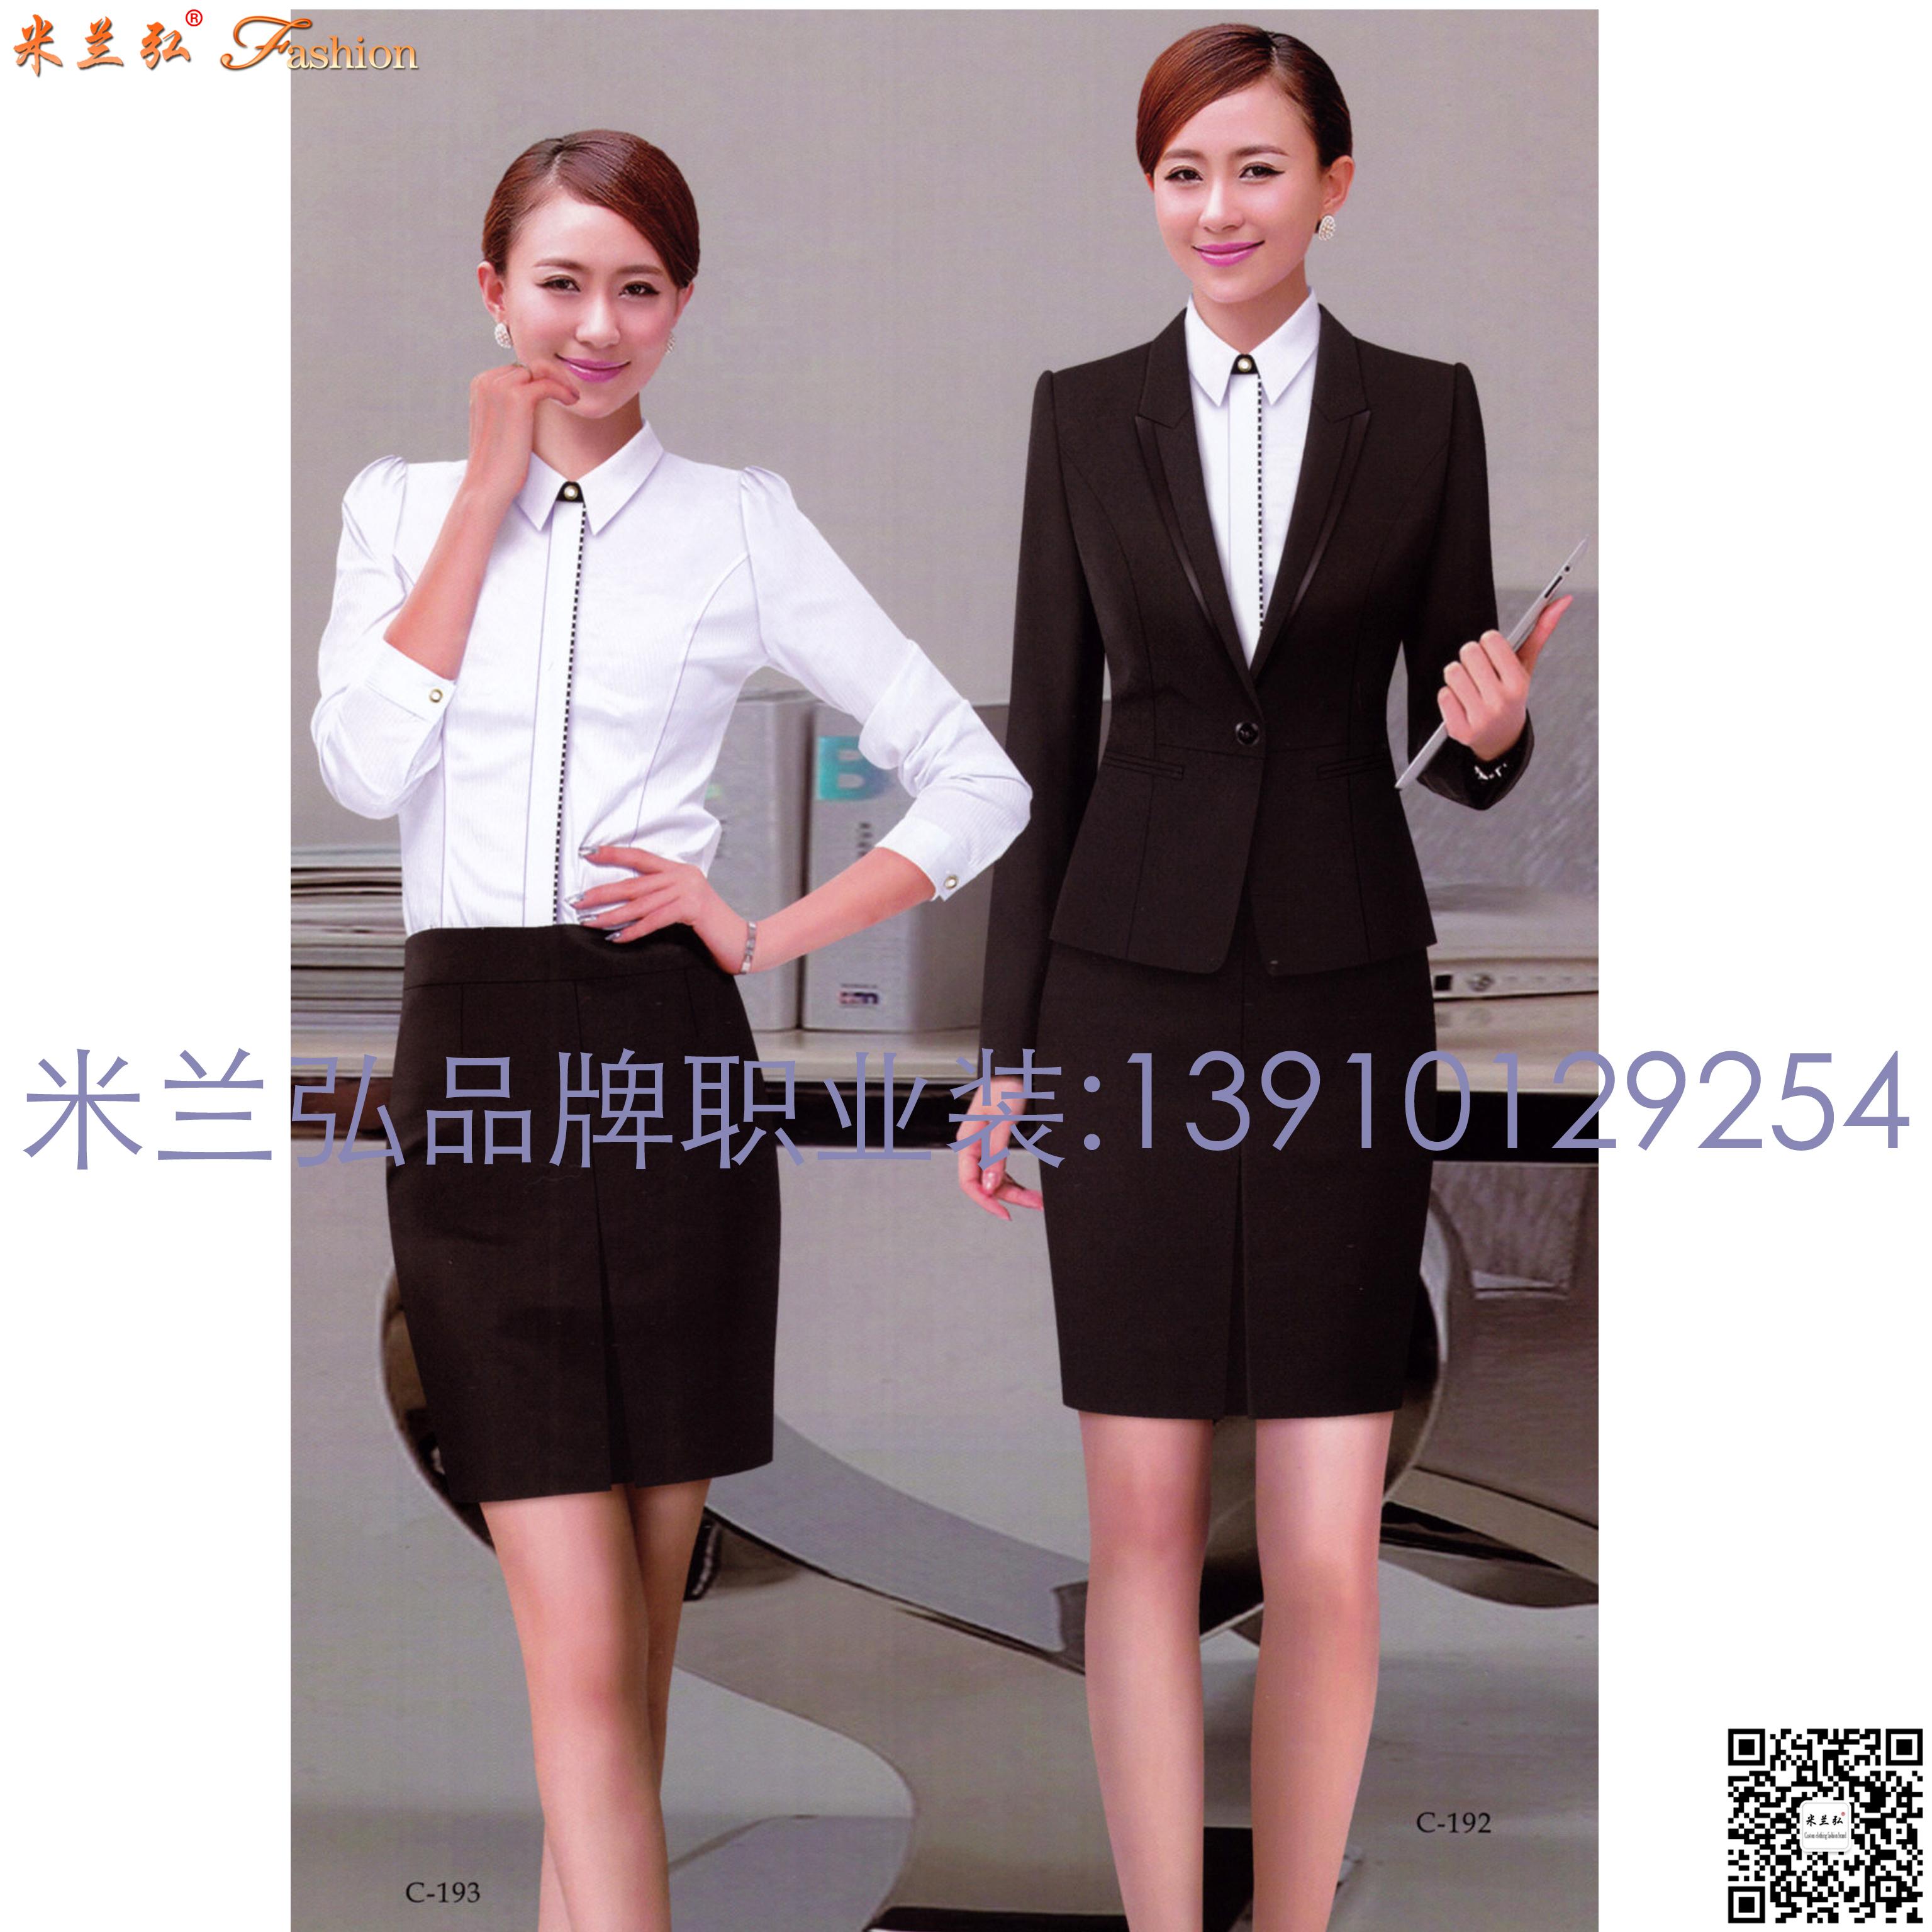 北京哪里可以定做西服北京西服時尚職業裝韓版女裝量身定做西服辦公室制服定做-3